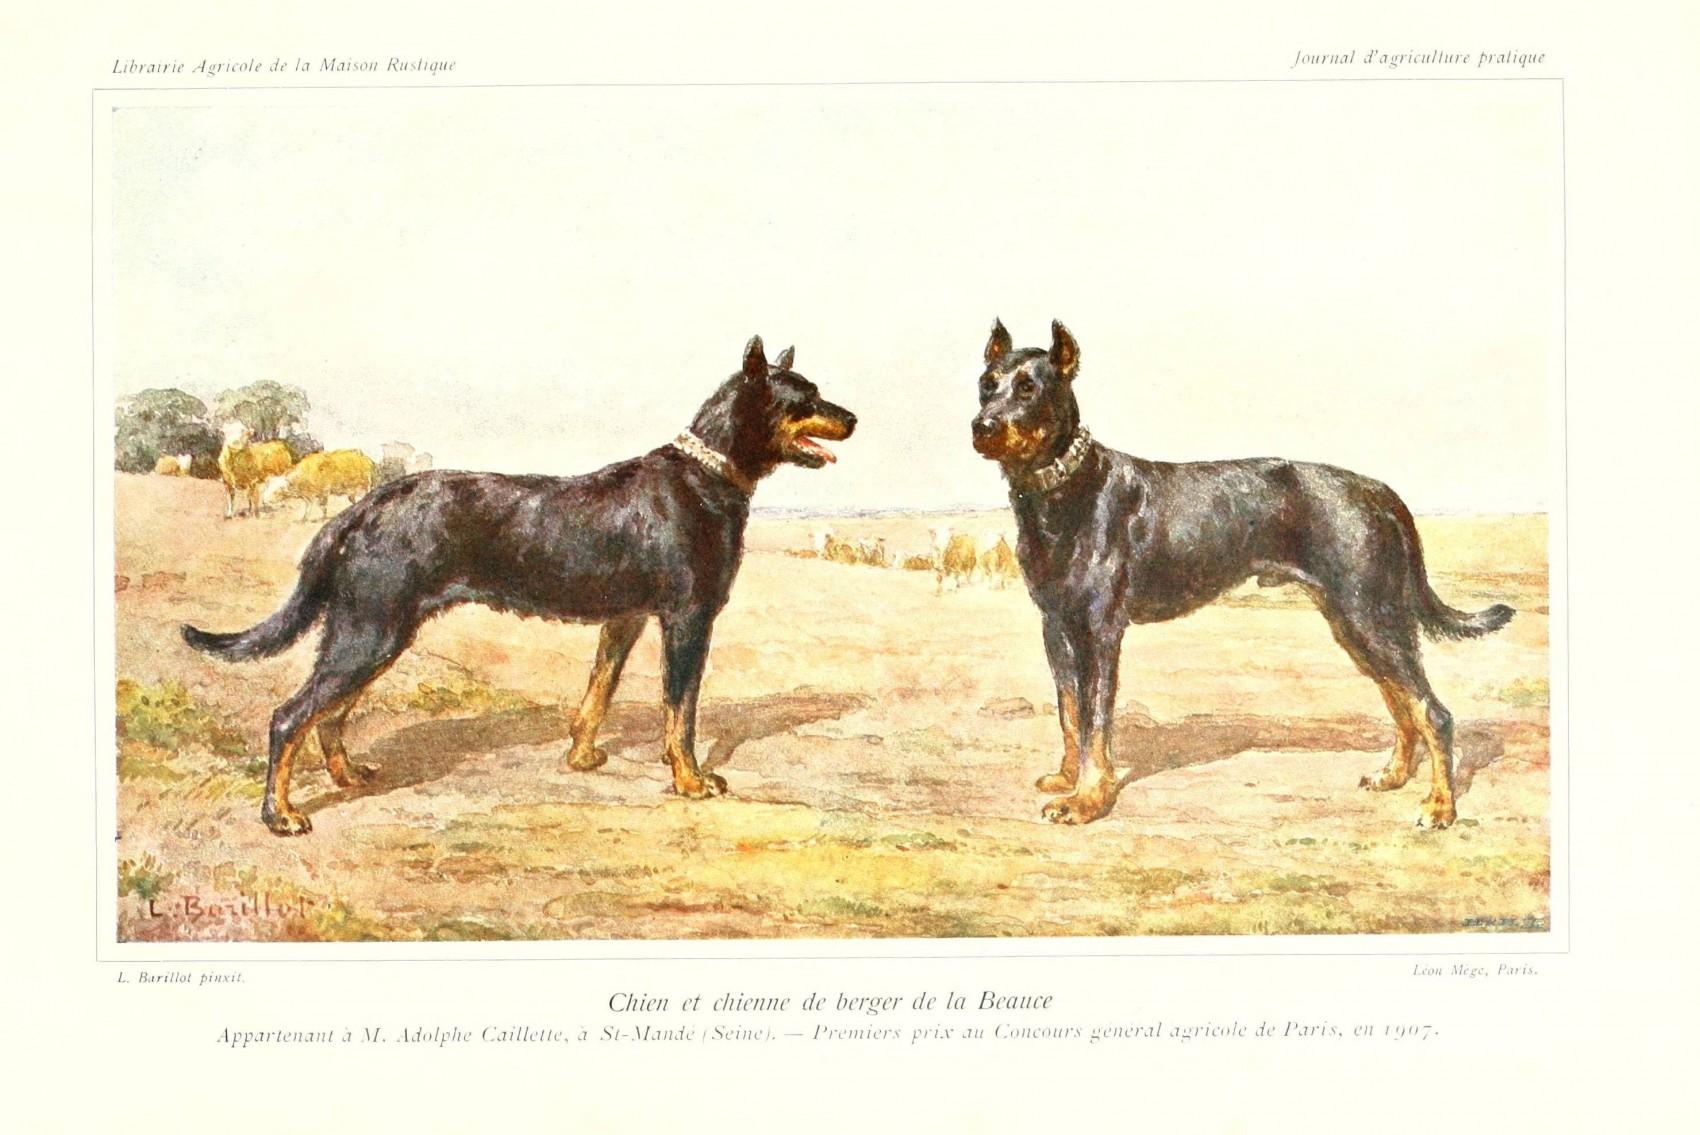 Chien et Chienne de berger de la beauce premier prix concours general agricole de paris 1907